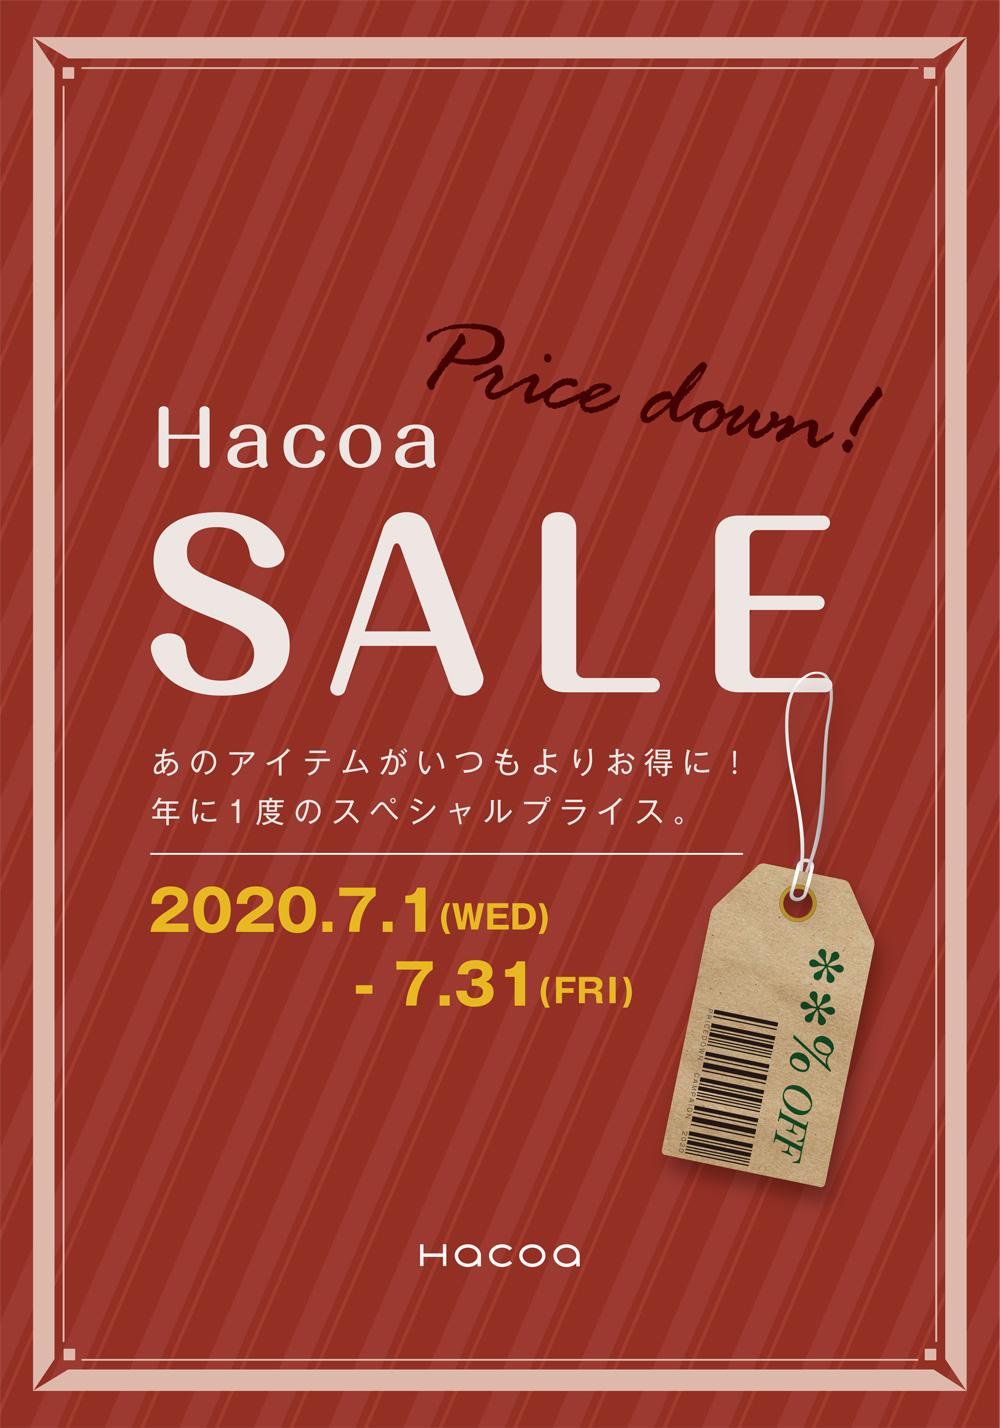 Hacoa SALE 2020